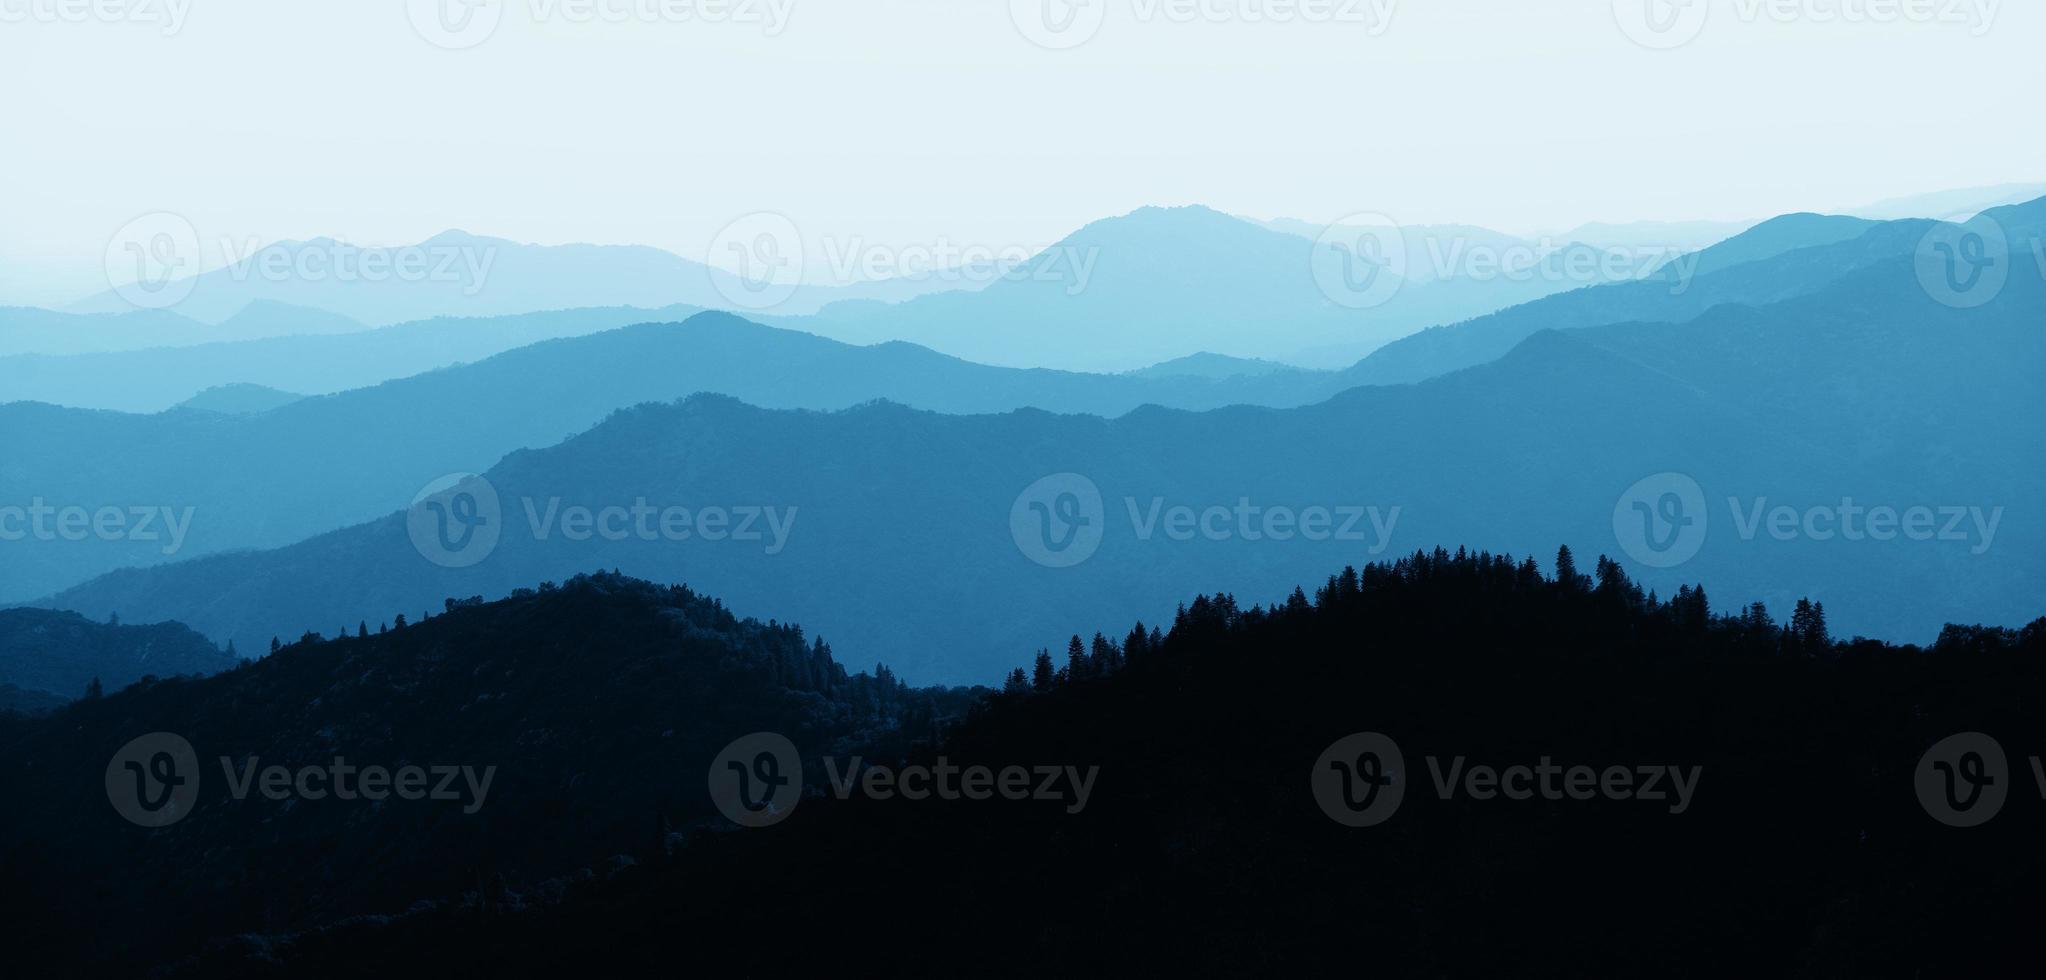 Mountain ridge abstract photo